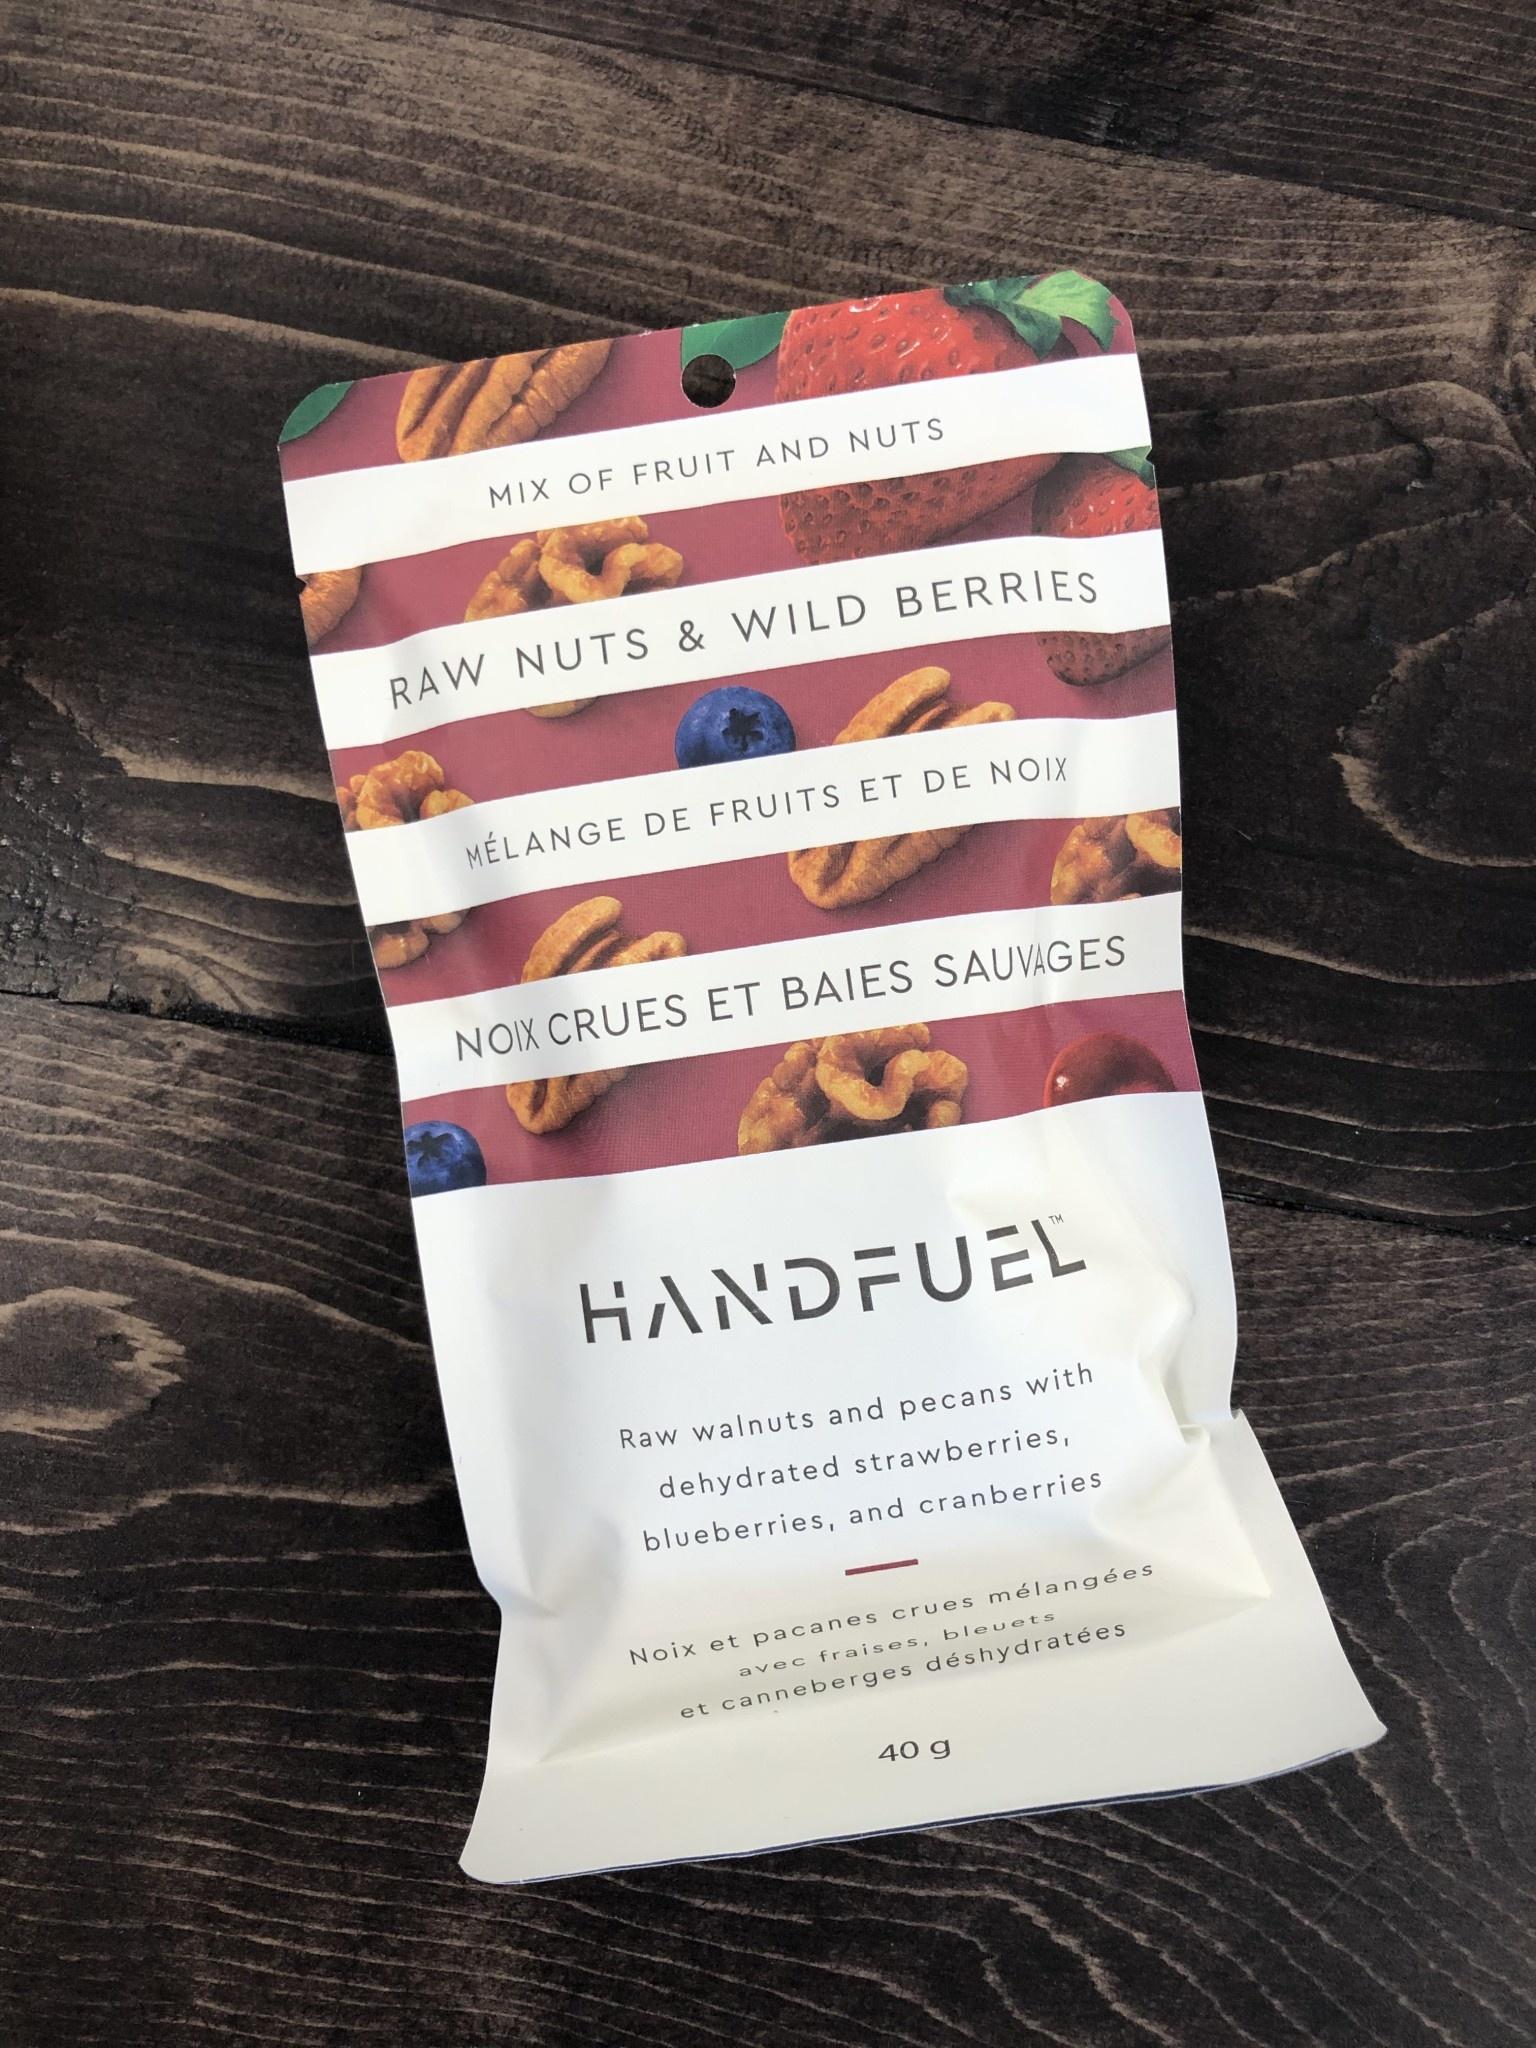 Handfuel HandFuel Raw Nuts and Berries